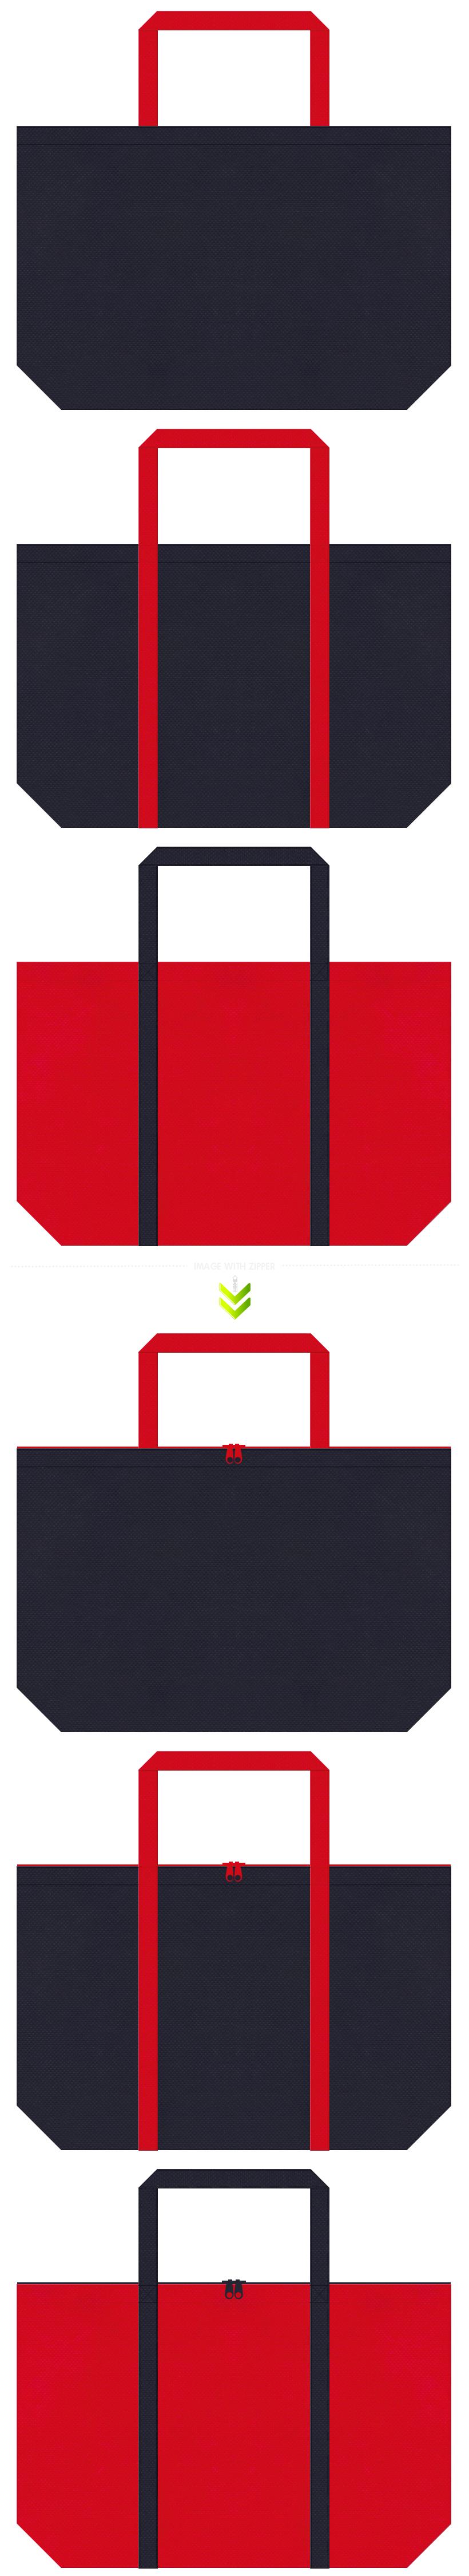 濃紺色と紅色の不織布エコバッグのデザイン。カジュアル・スポーティーファッションのショッピングバッグにお奨めです。